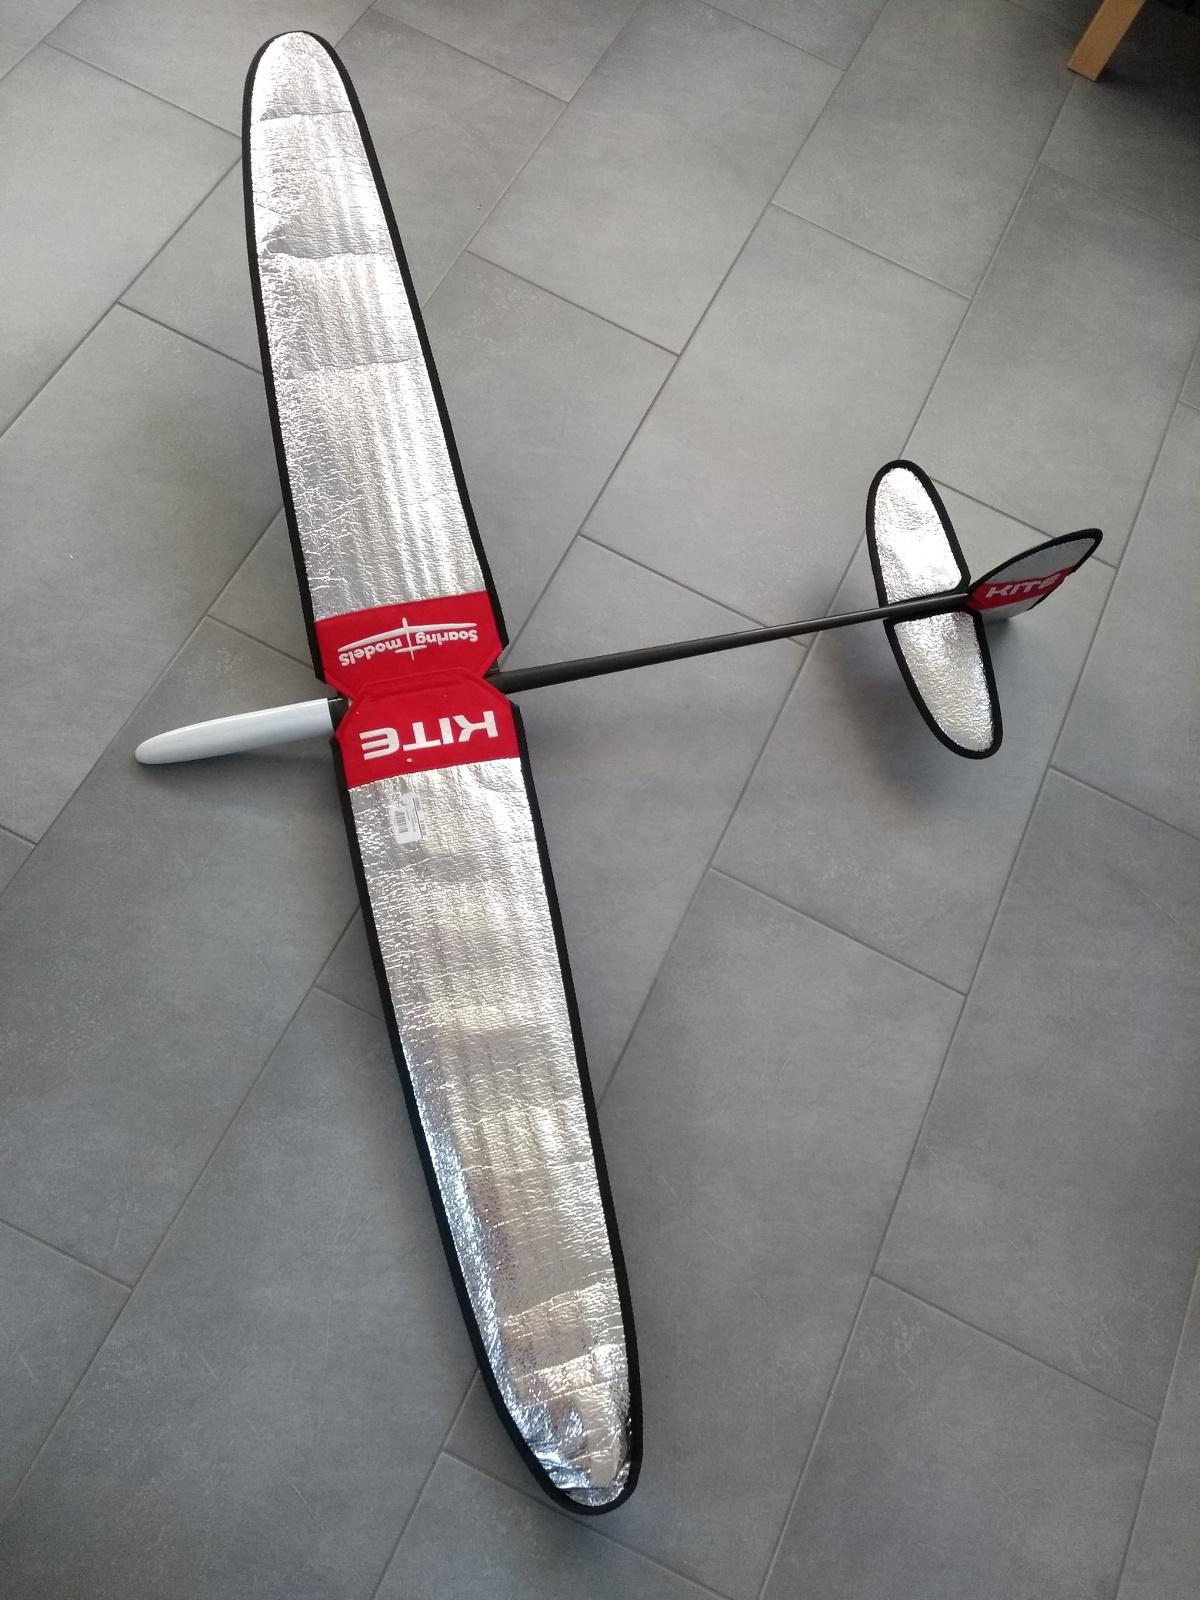 kite_wing_bags_2.jpg